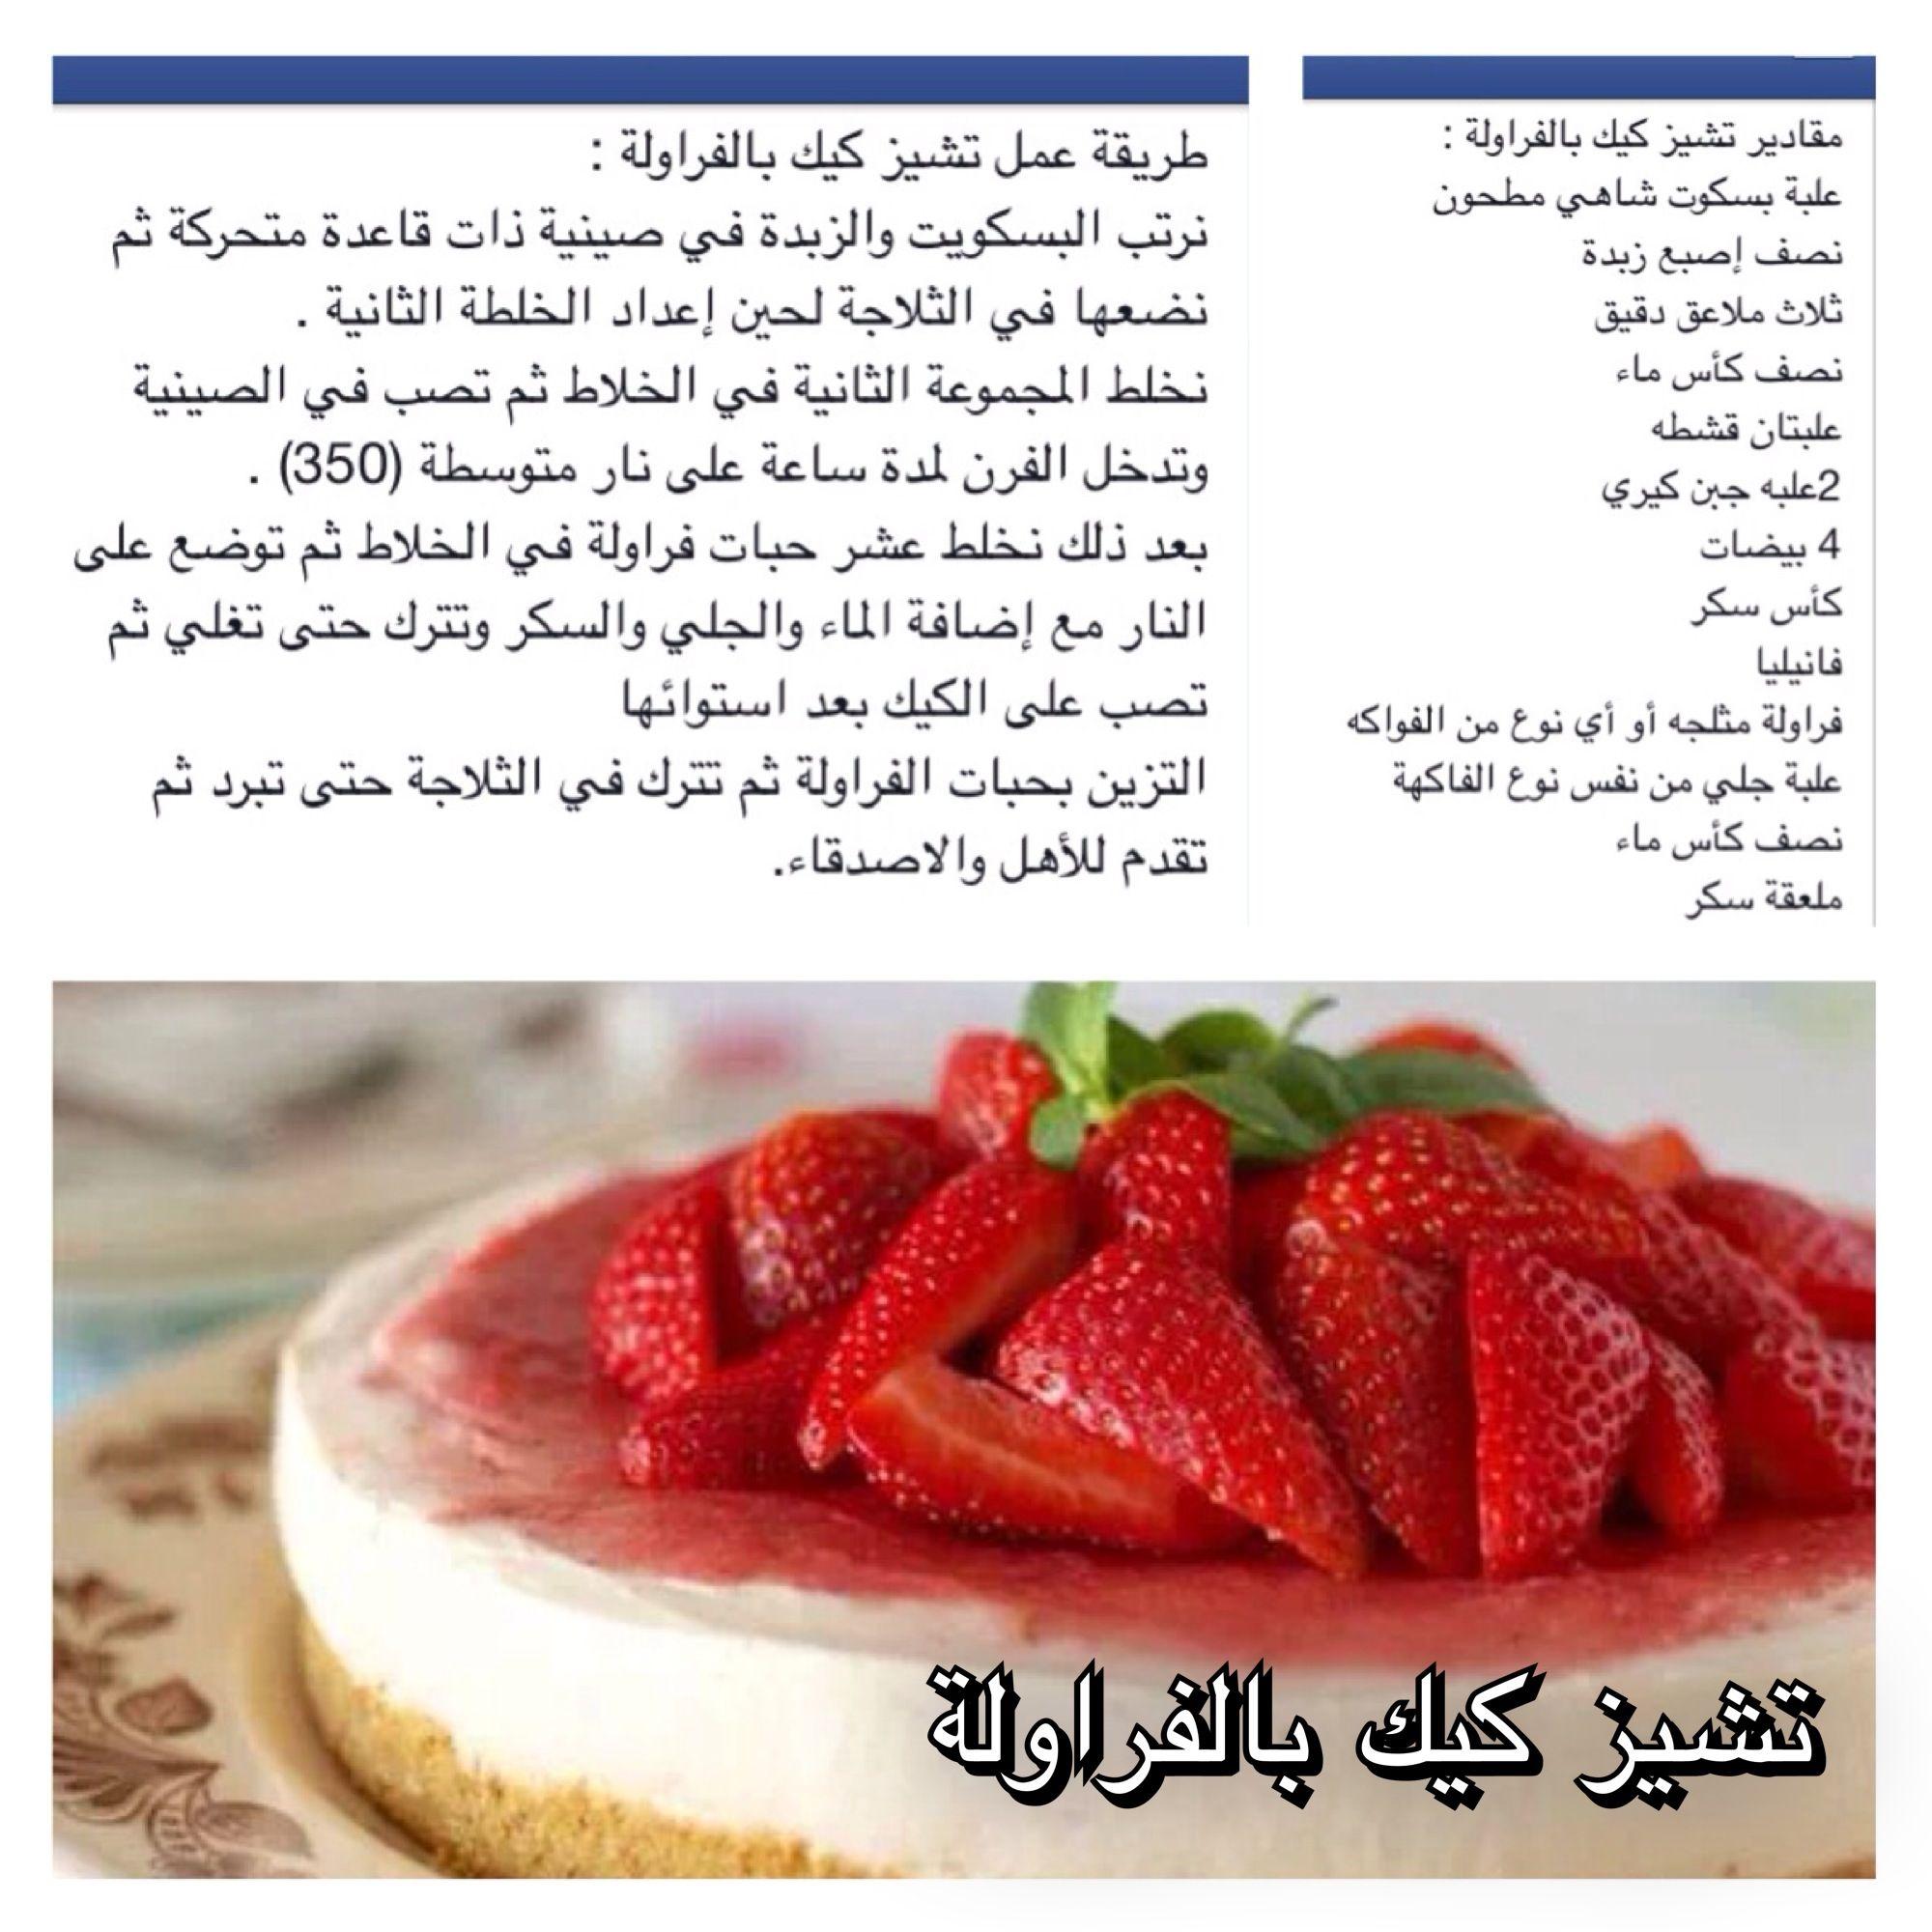 تشيز كيك بالفراولة Desserts Arabic Food Food